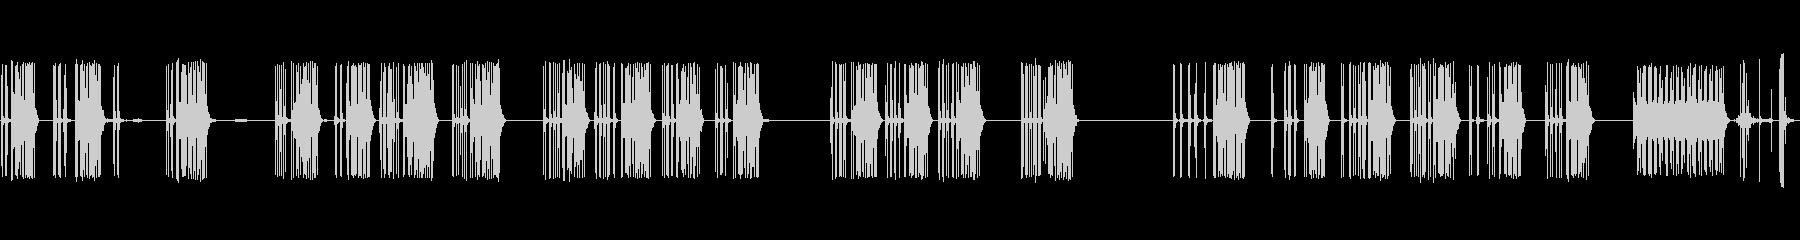 プリンターを備えた電子計算機:さま...の未再生の波形